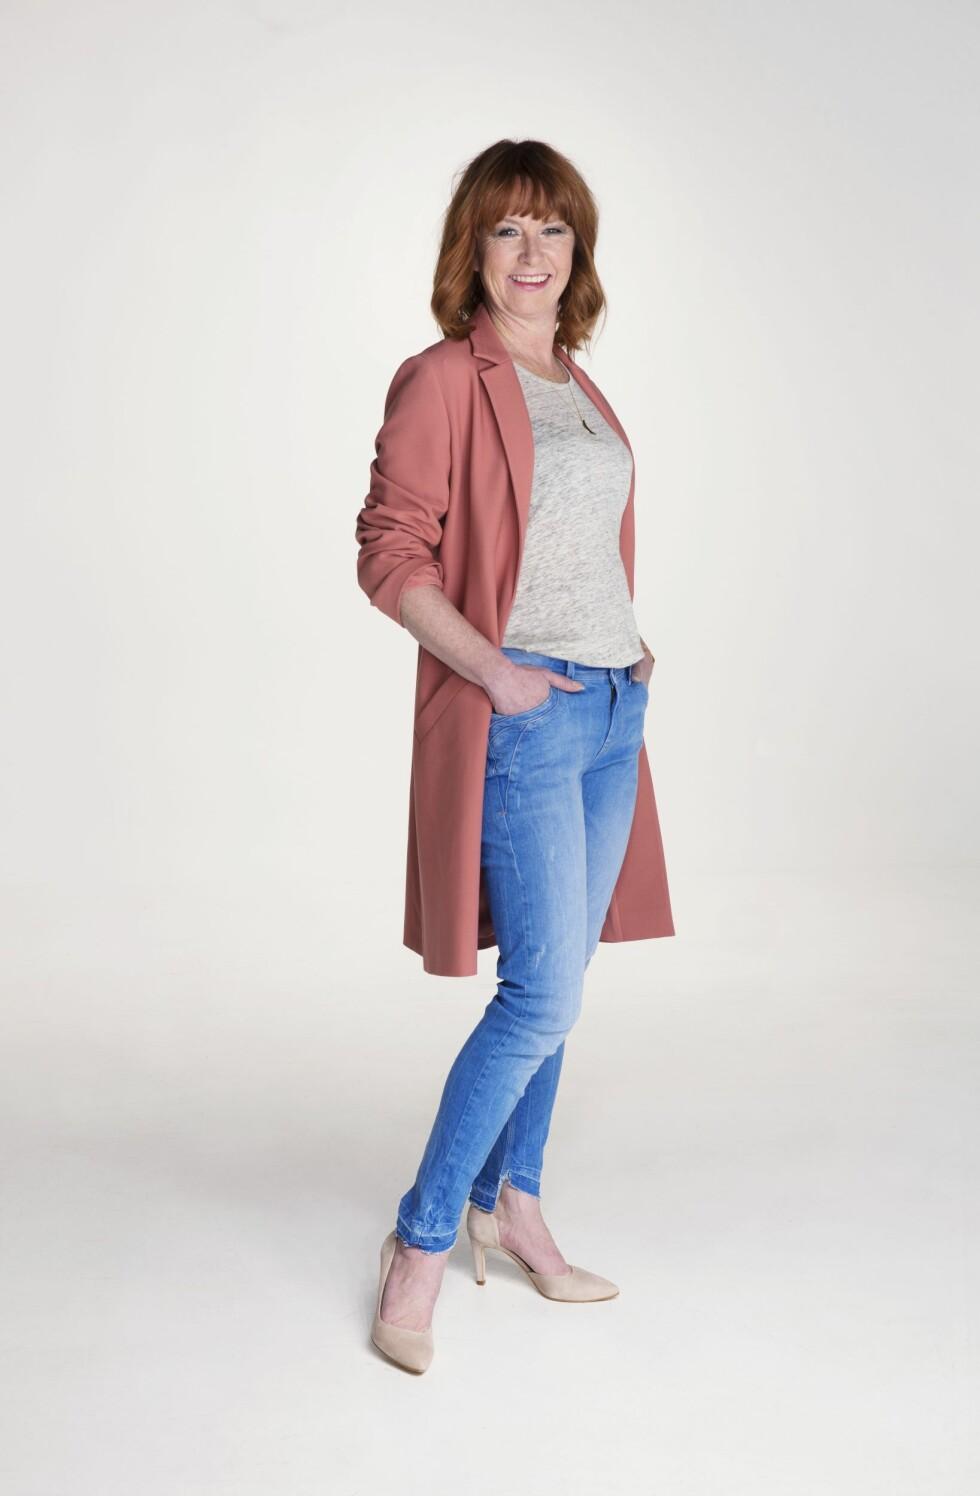 <strong>HVERDAGSKUL:</strong> Rosa kåpe (kr 1800, Halluber), grå trøye (kr700, Elle & il), blå jeans (kr 1100, Pulz Jeans), semskede pumps (kr 1300, Lille Vinkel) og langt kjede (kr 1300, Marte Frisnes). Stylistens tips: Dytt trøya ned i smale jeans slik at midjen og fasongen på kroppen synes. Det blir fint med en rett jakke over. Foto: Yvonne Wilhelmsen